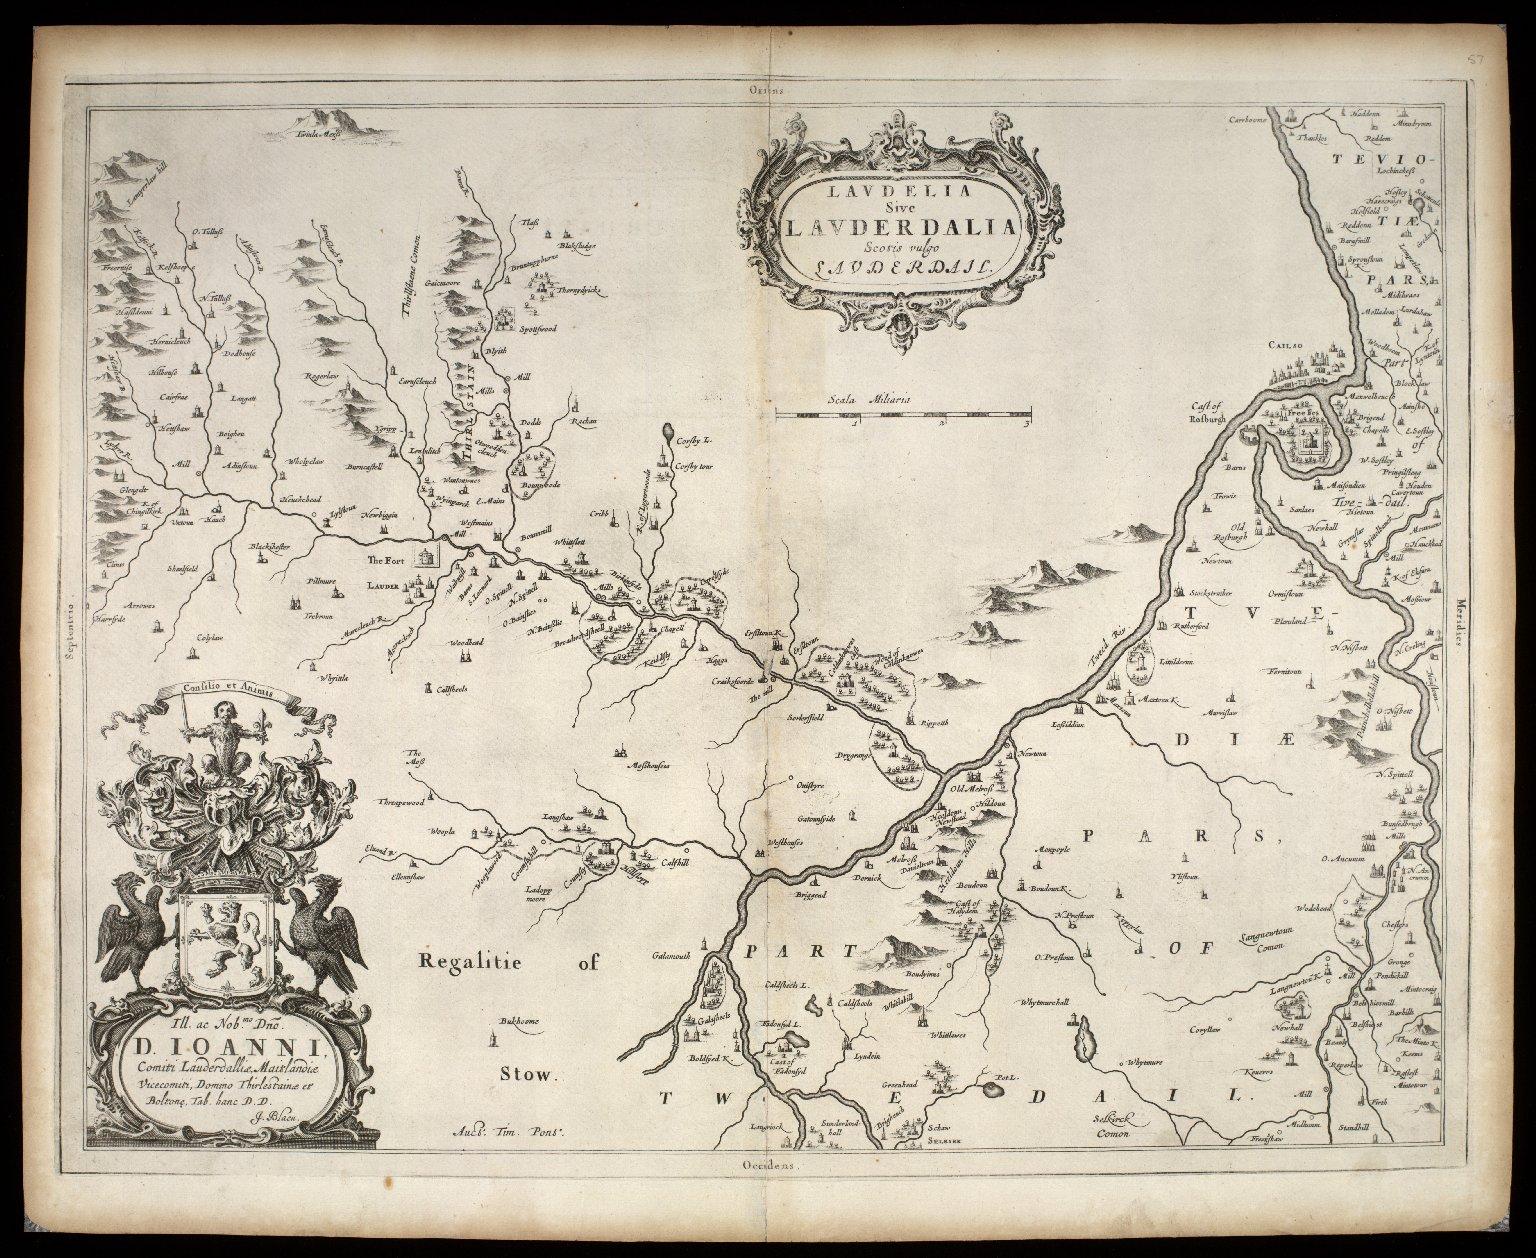 Laudelia sive Lauderdalia, Scotis vulgo, Lauderdail [1 of 1]